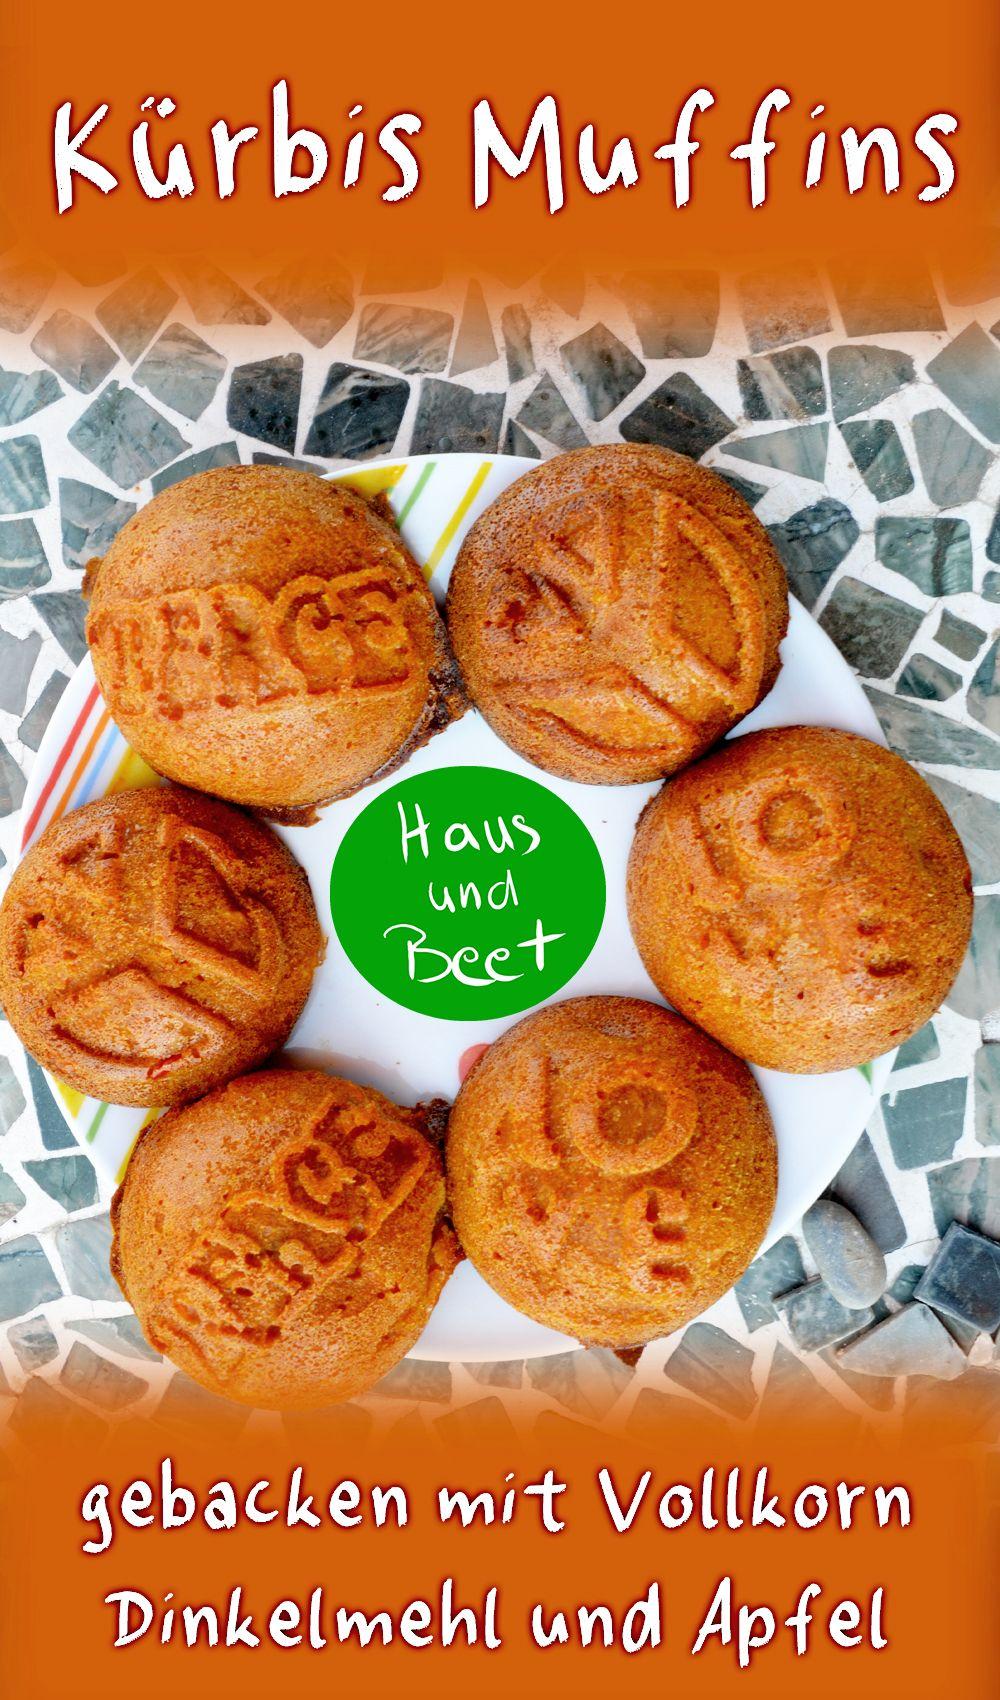 Kürbis Muffins – Süßes gesundes Dessert - Haus und Beet #pumpkinmuffins